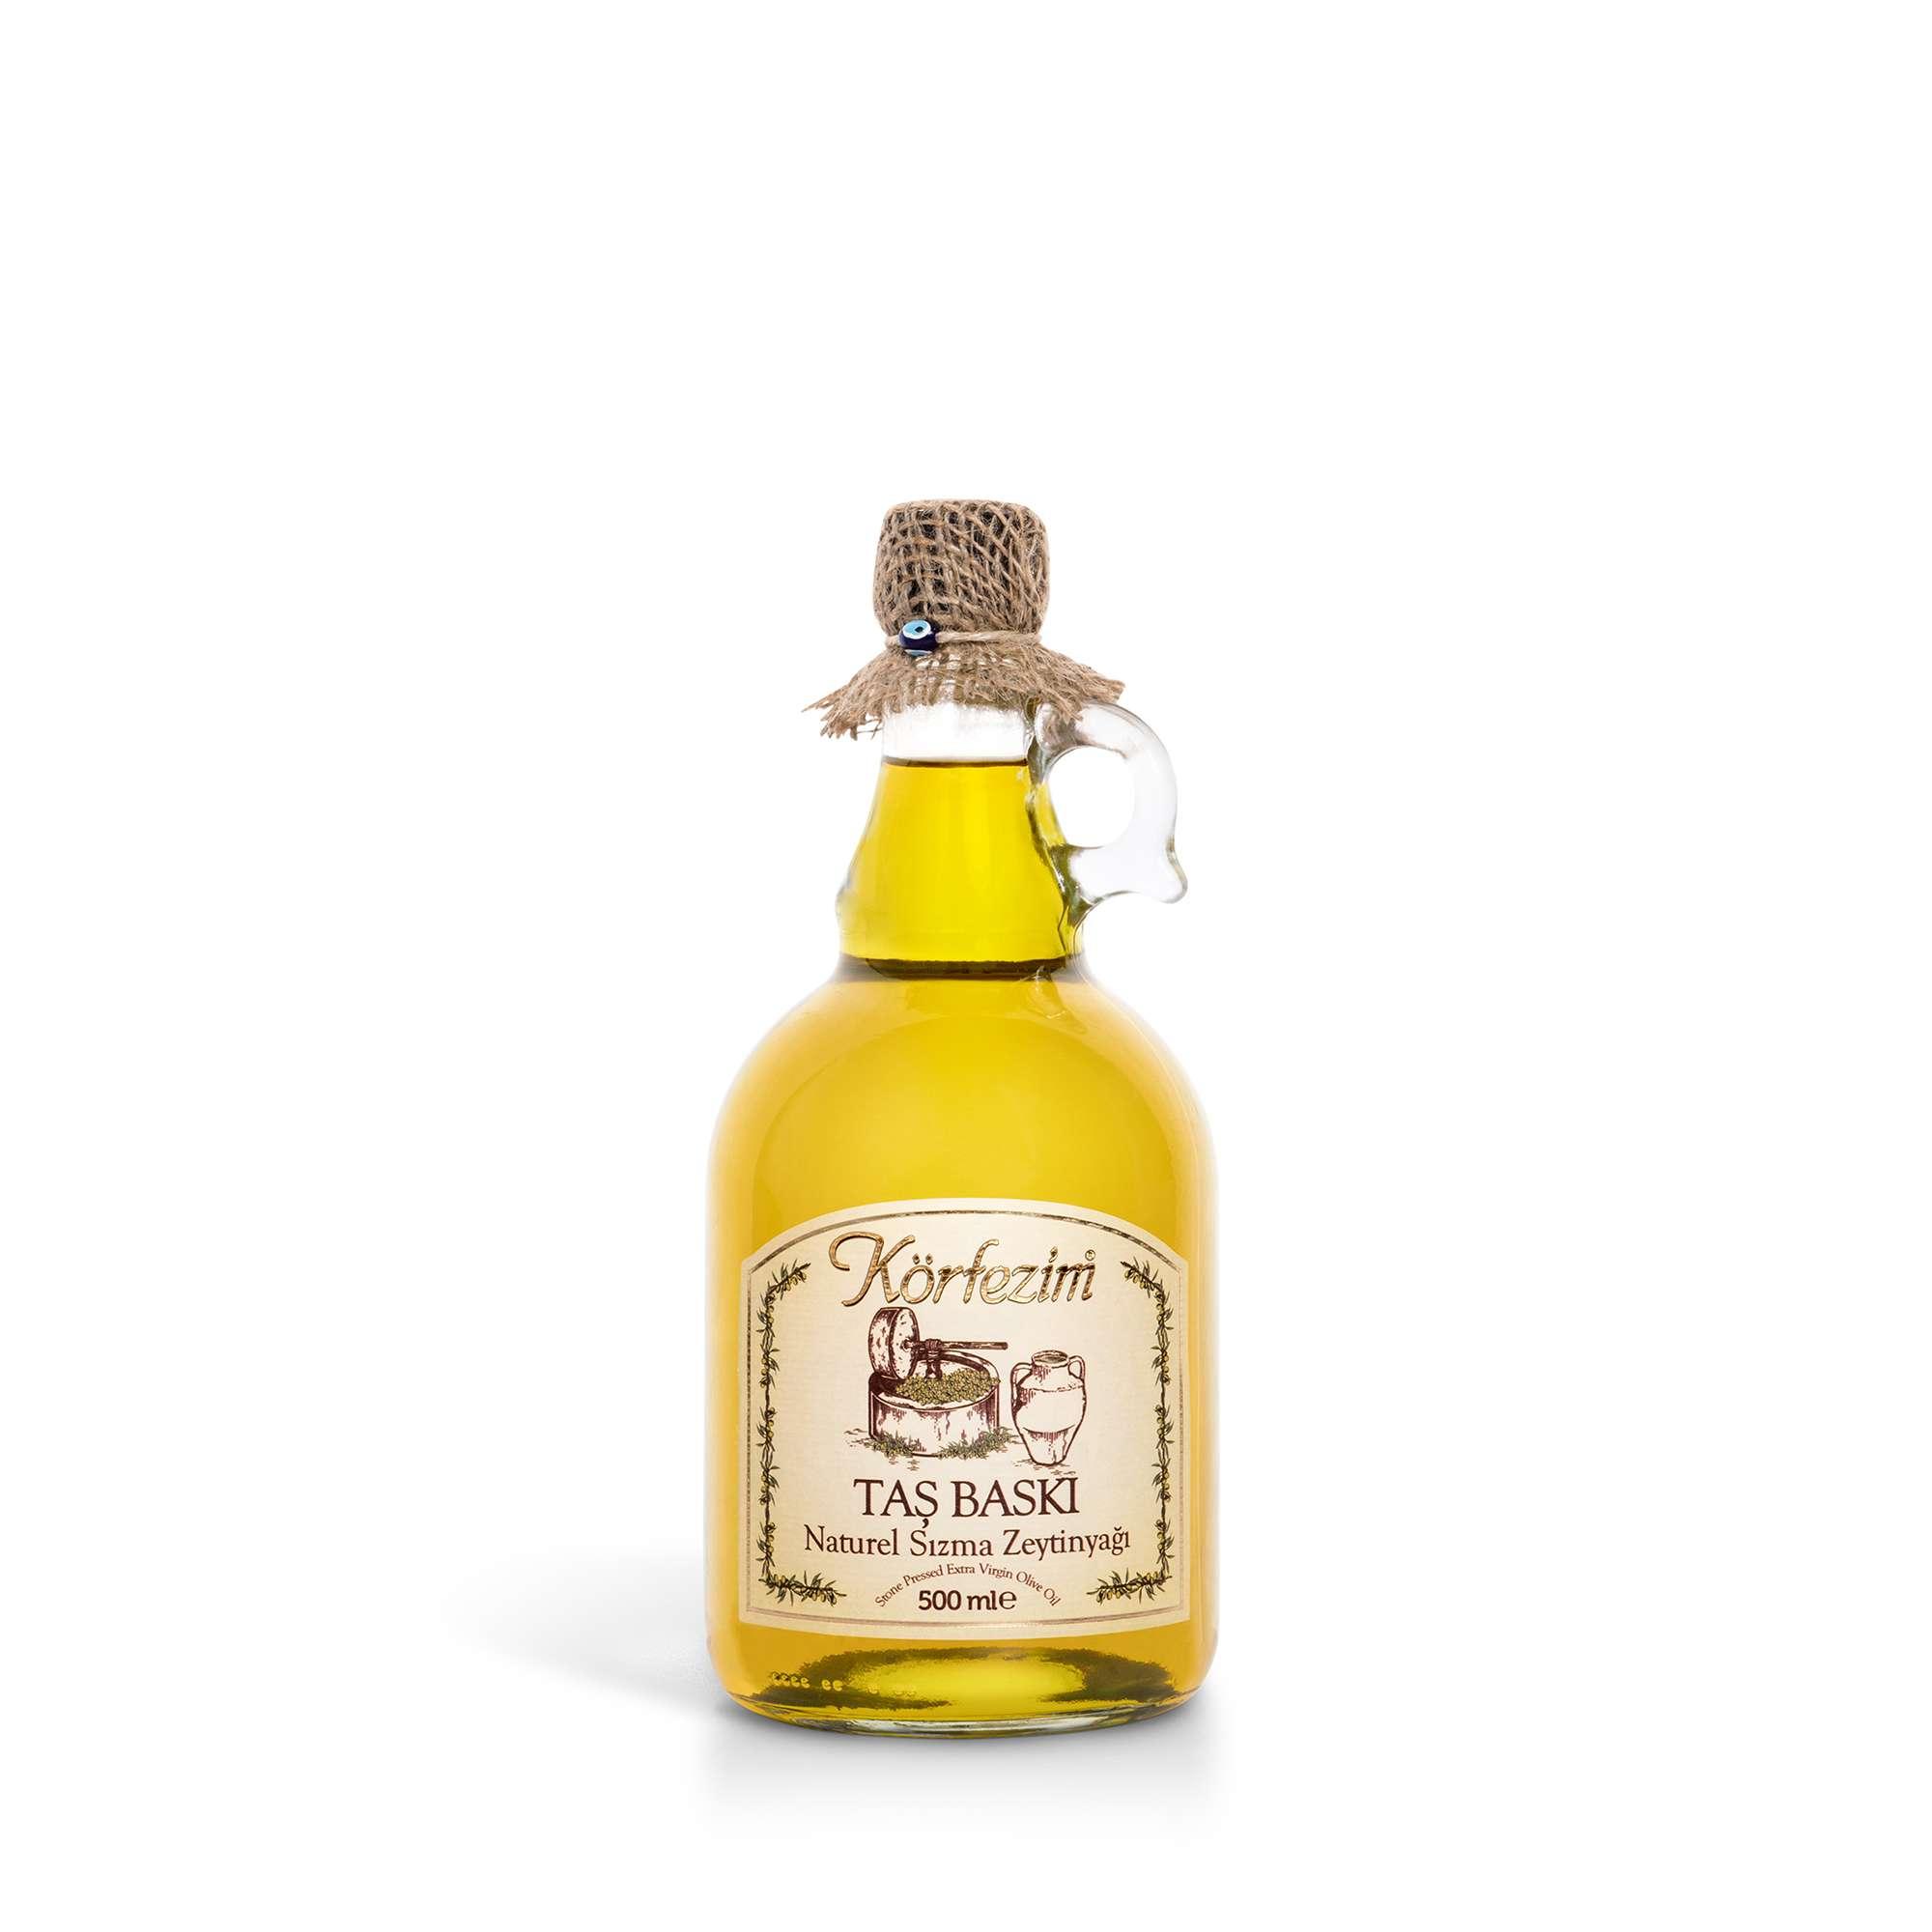 Körfezim Taş Baskı Soğuk Sıkım Zeytinyağı - 500 ml. (Kulplu Galon Cam Şişe)